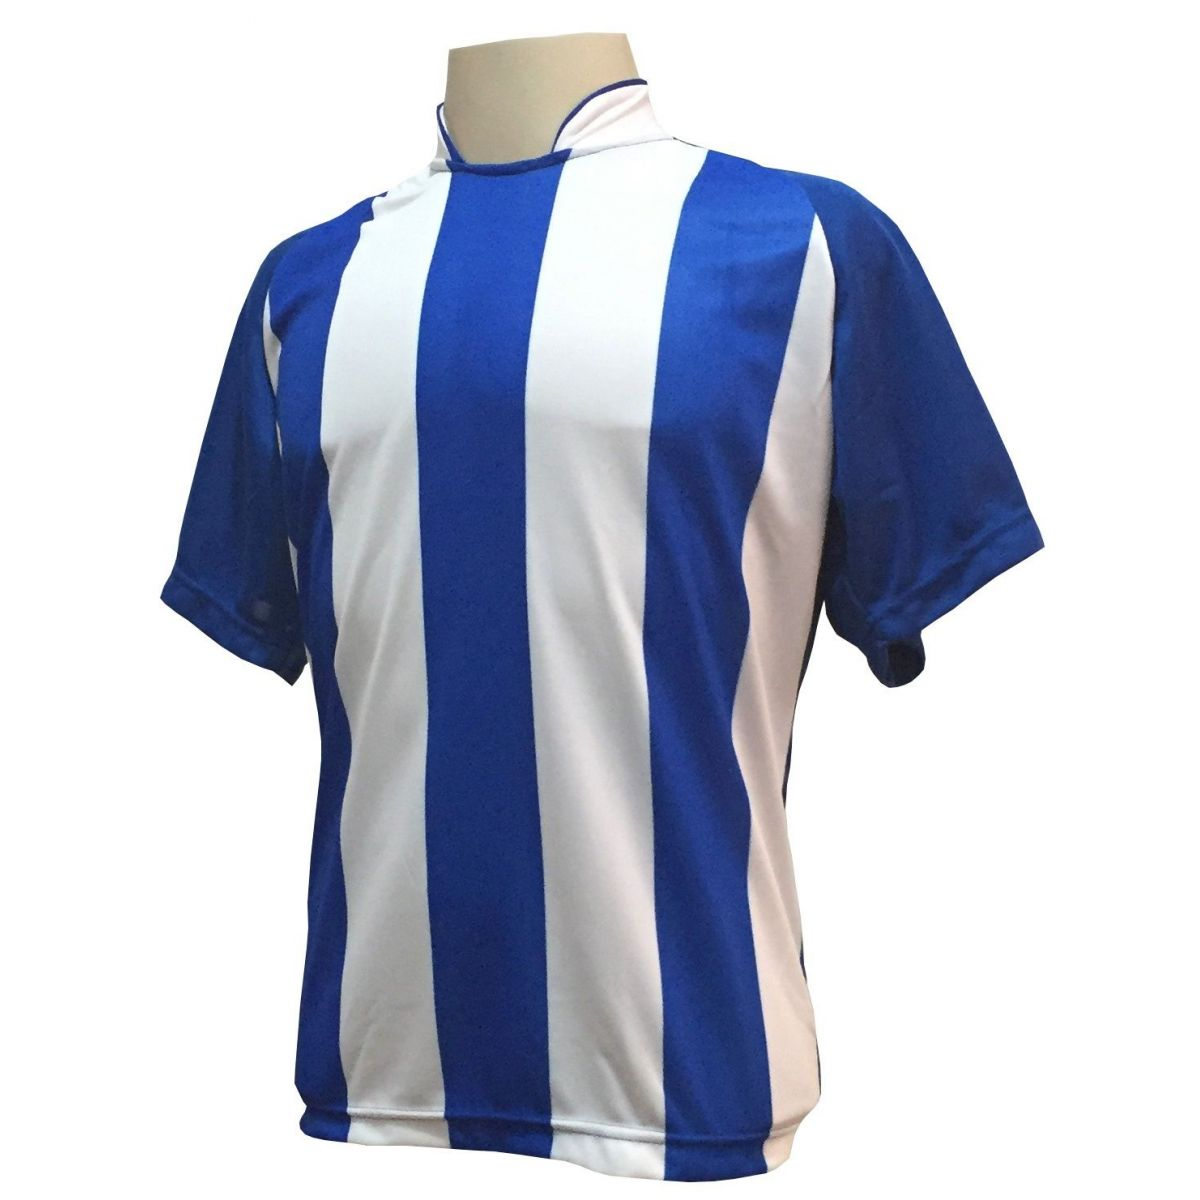 Uniforme Esportivo com 12 camisas modelo Milan Royal/Branco + 12 calções modelo Madrid + 1 Goleiro + Brindes